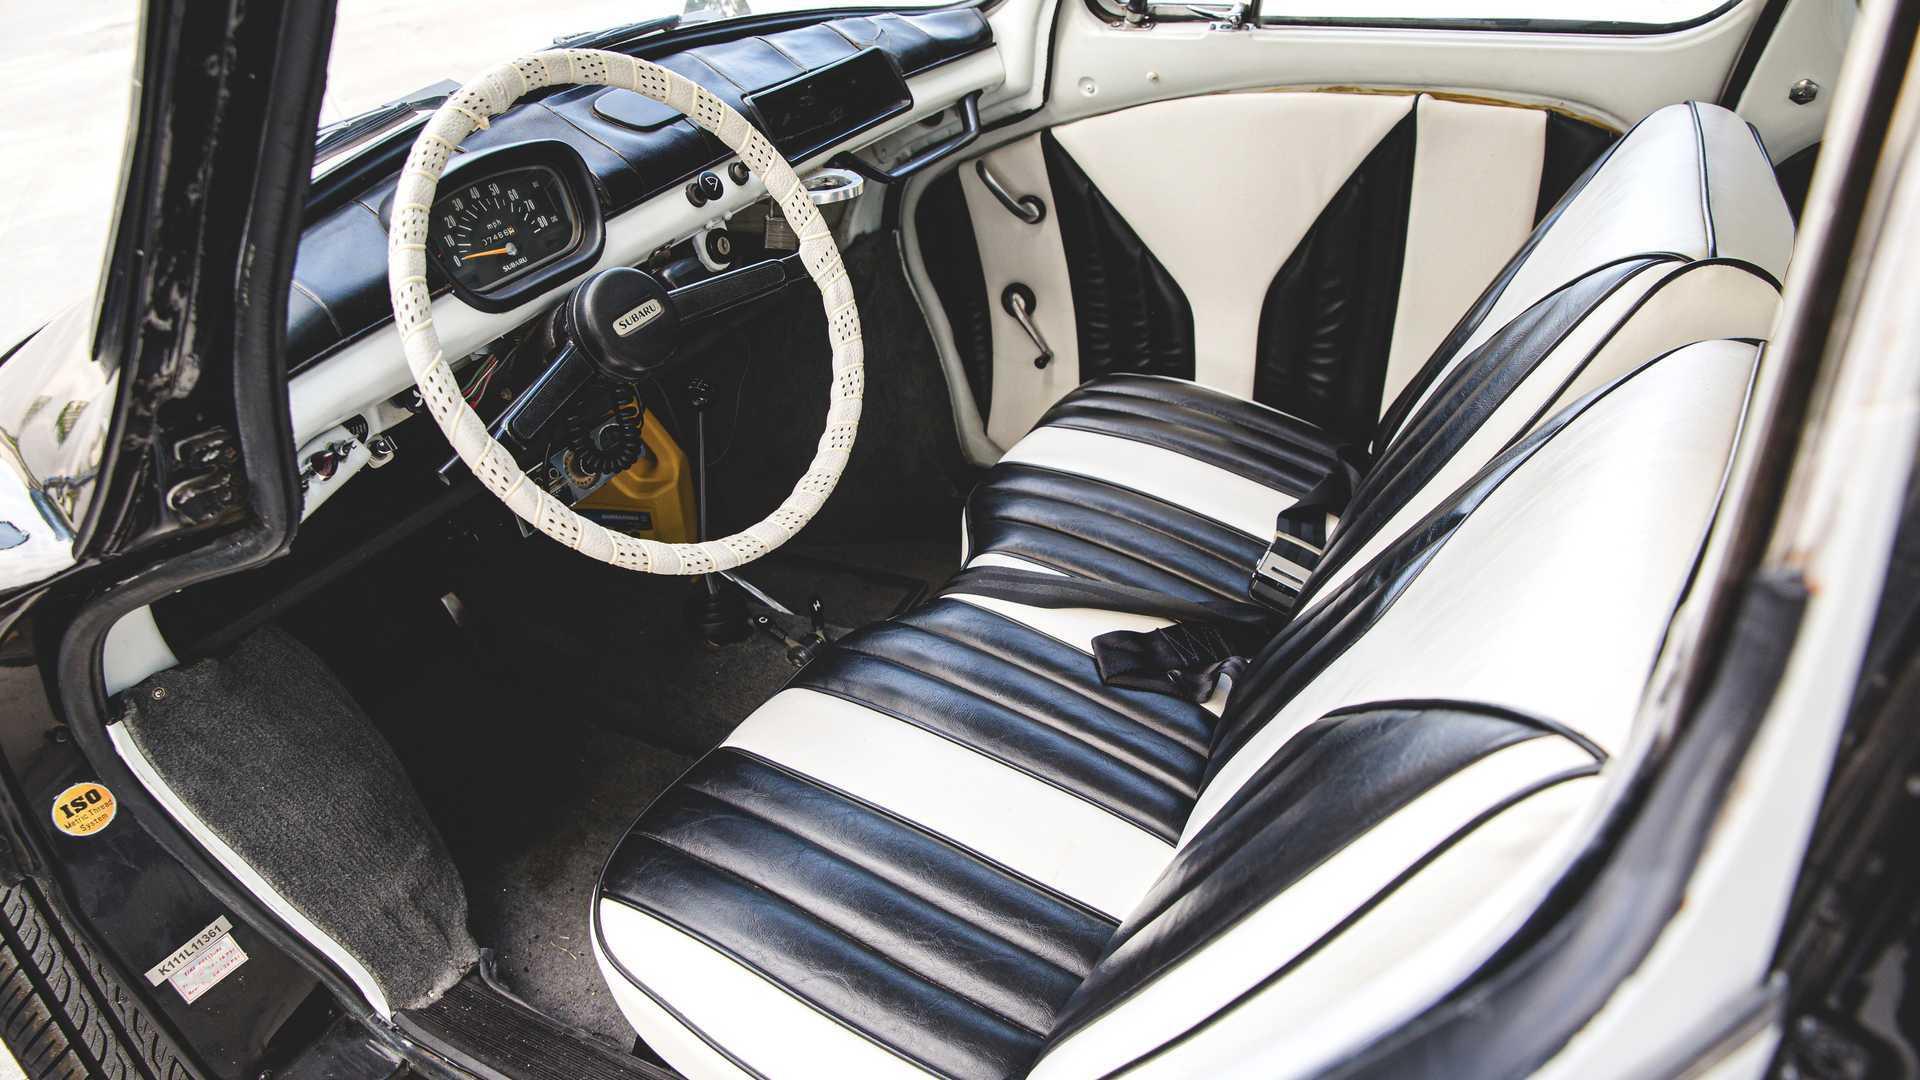 Салон машини також має чорно-білу обробка